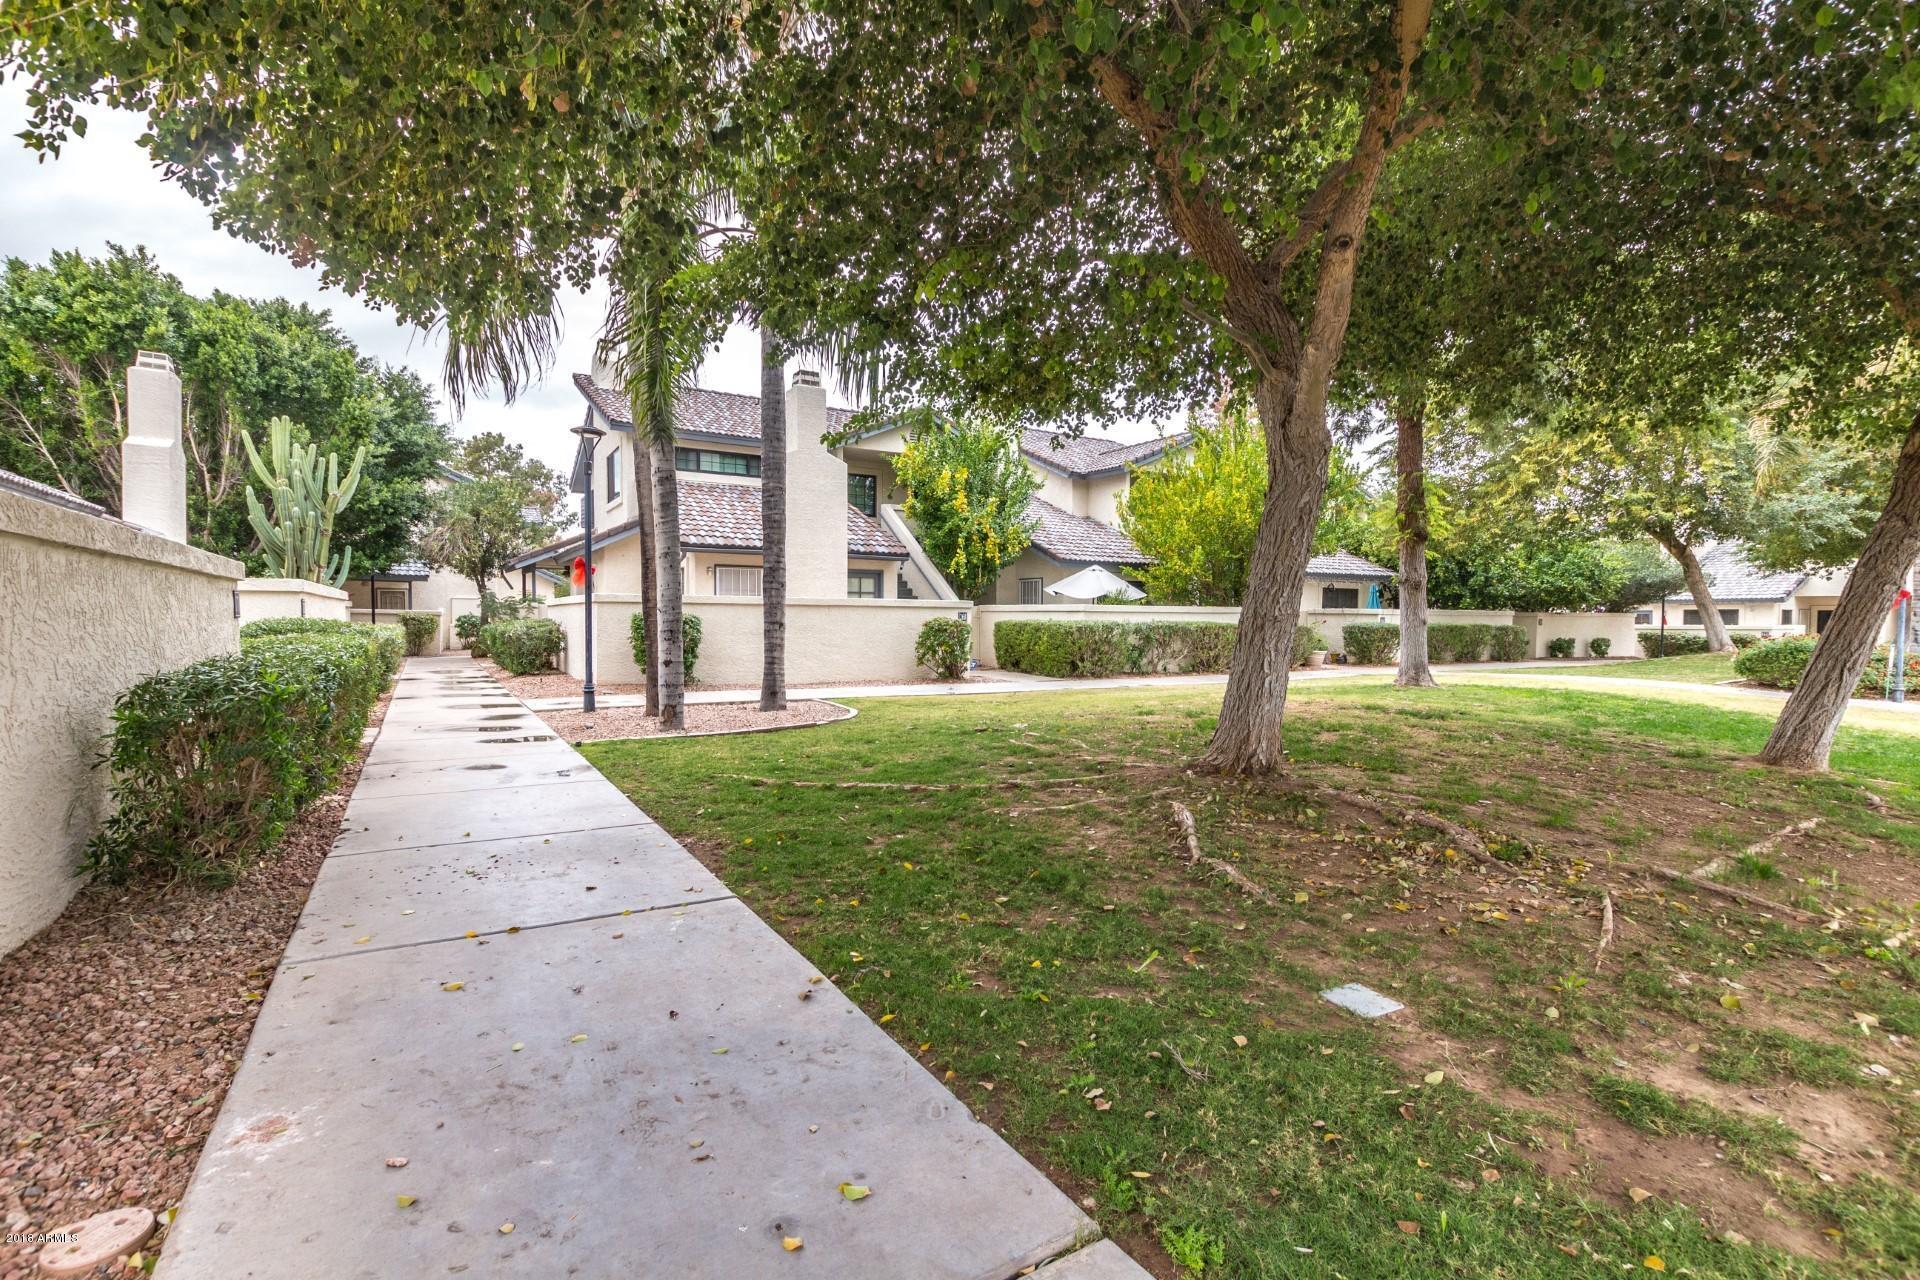 1222 W BASELINE Road Unit 264 Tempe, AZ 85283 - MLS #: 5808387